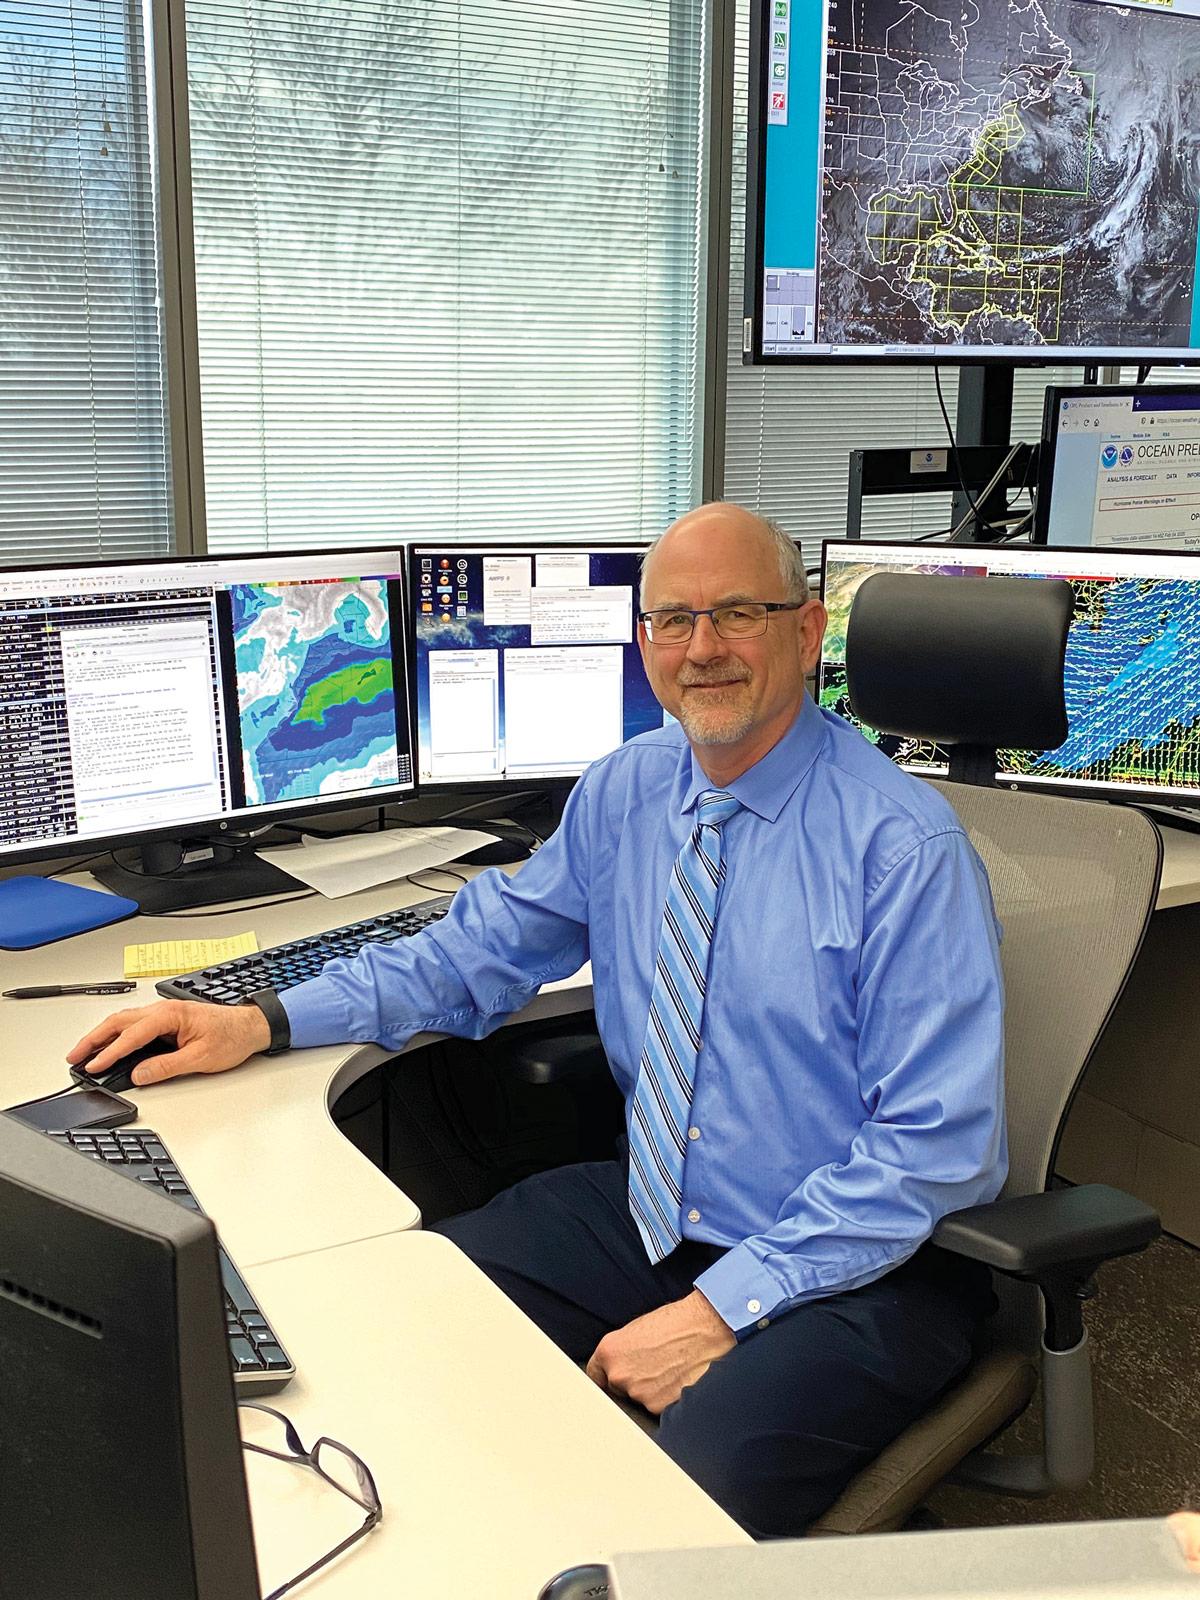 Joe Sienkiewicz at his Desk